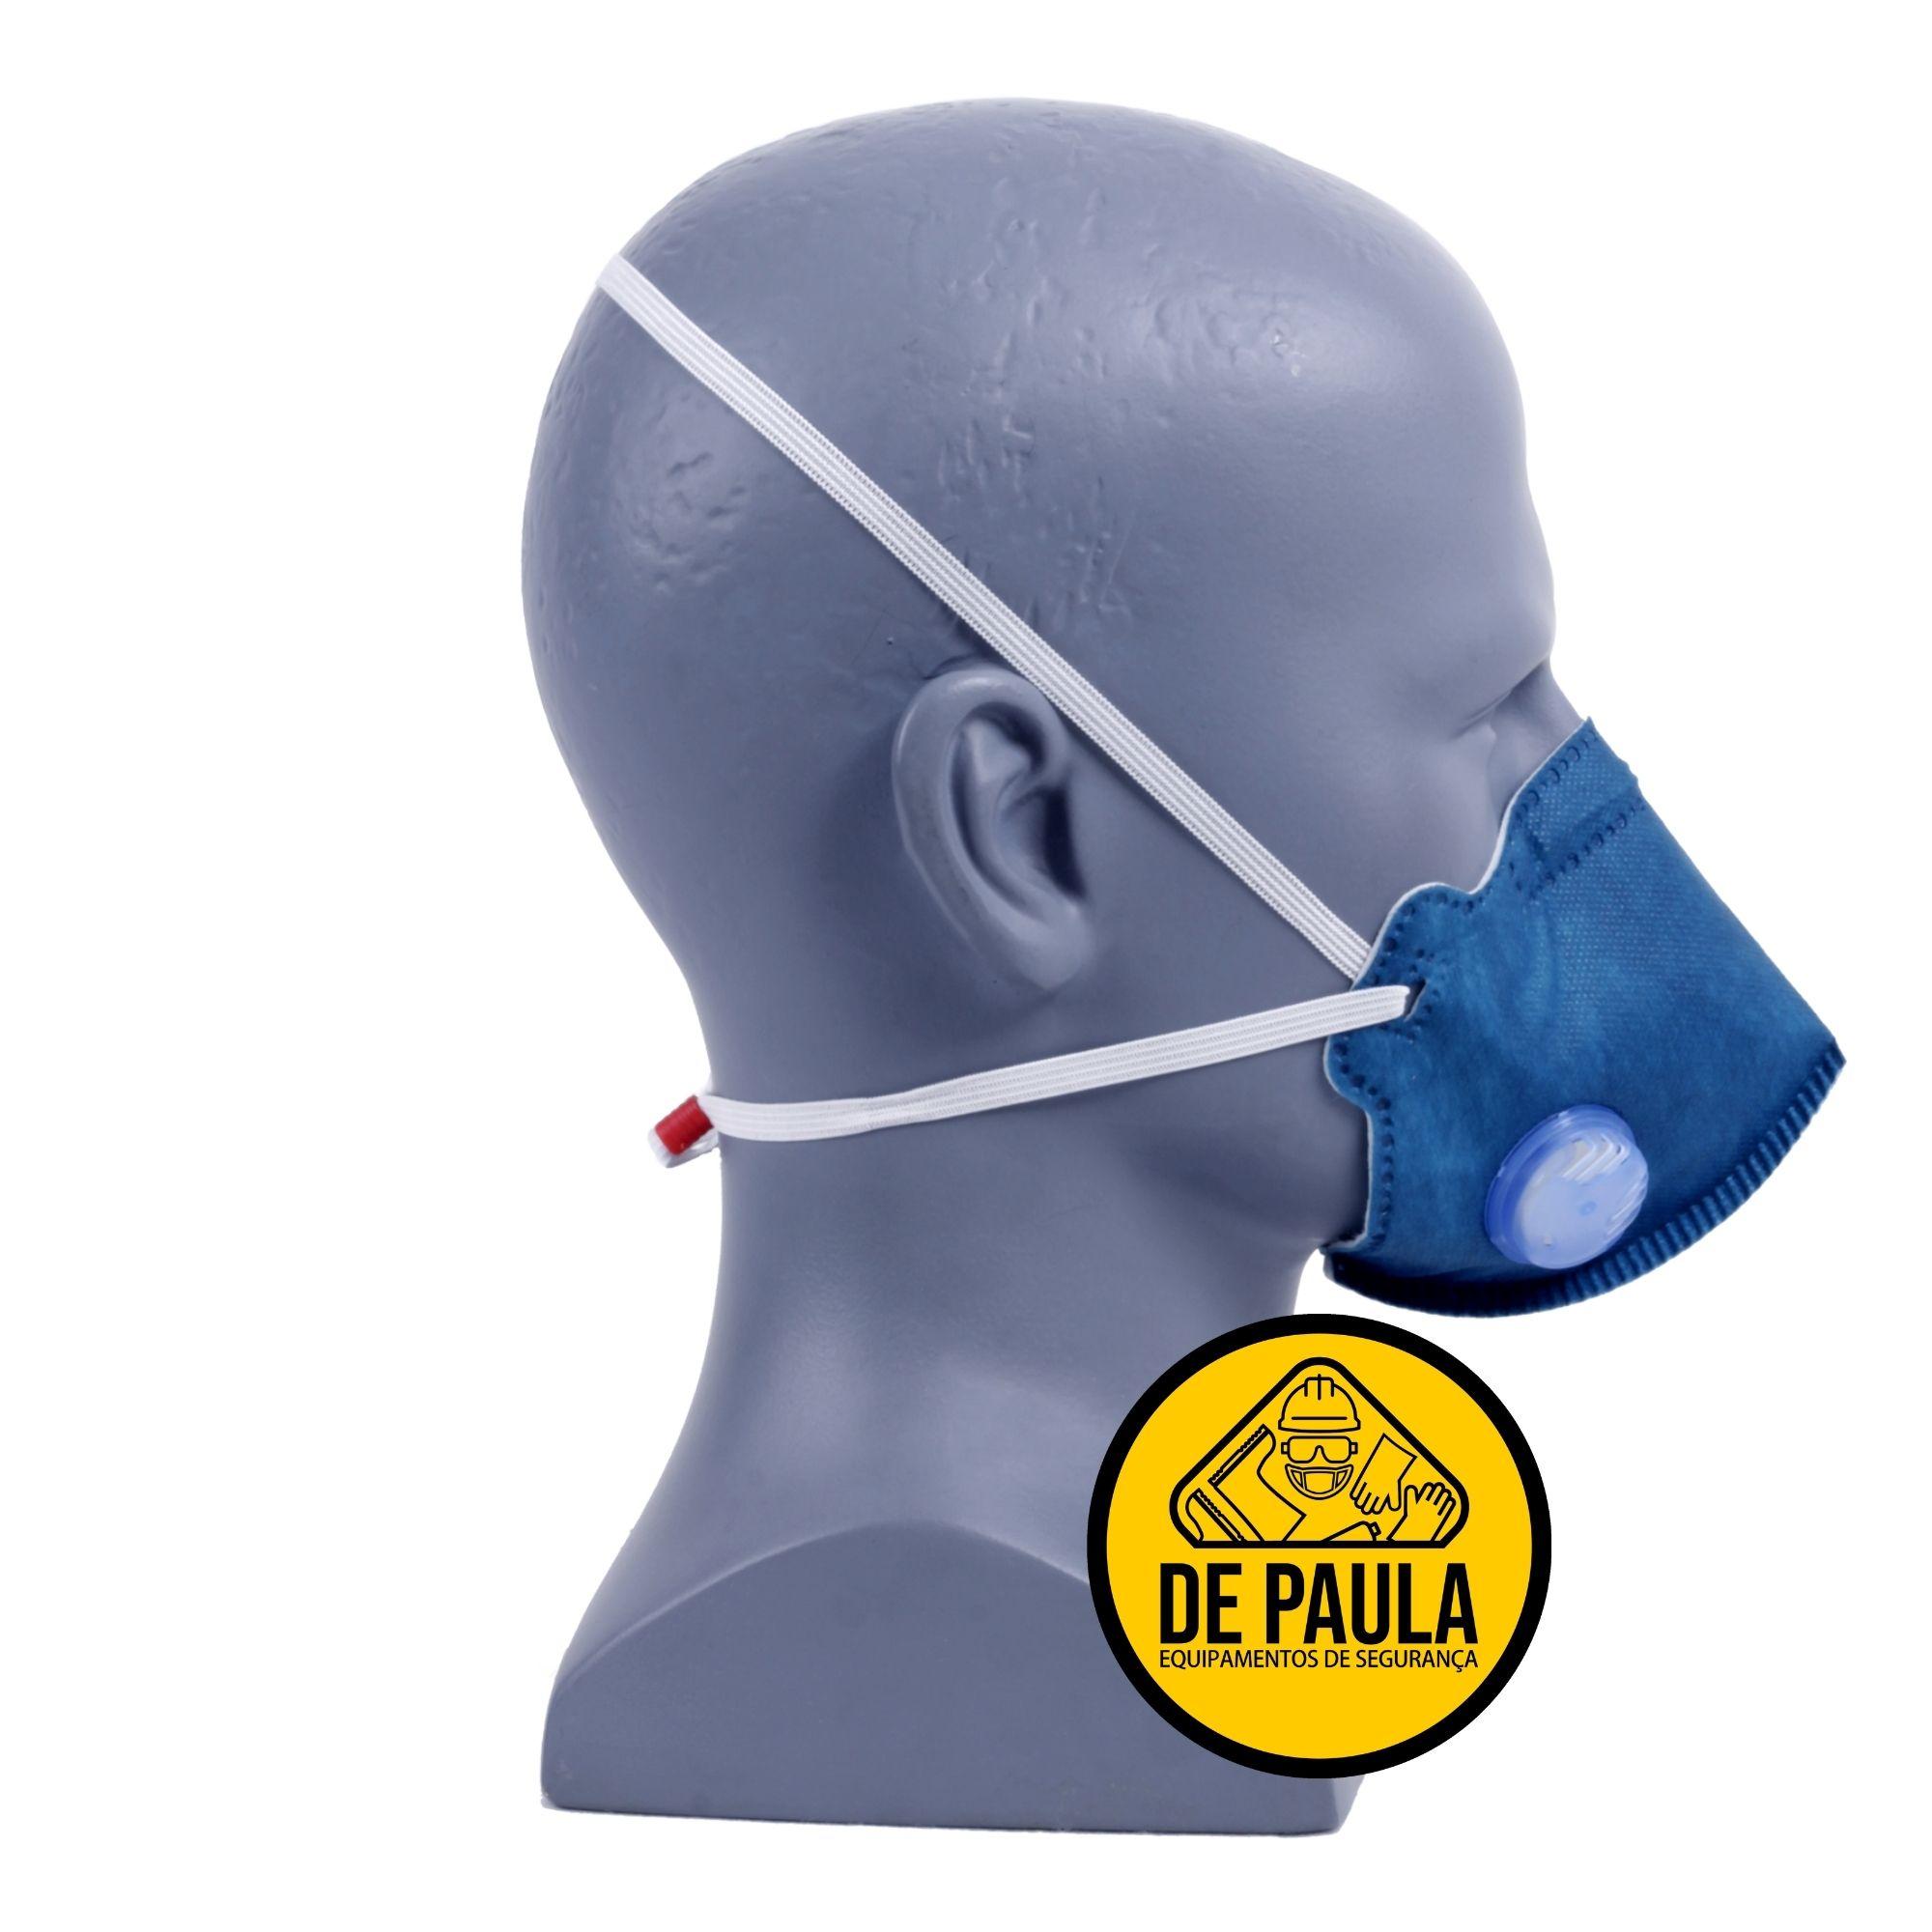 Kit de 10 unid Mascara Respiratoria PFF2 com valvula MASKFACE  AIR SAFETY  - DE PAULA EPI